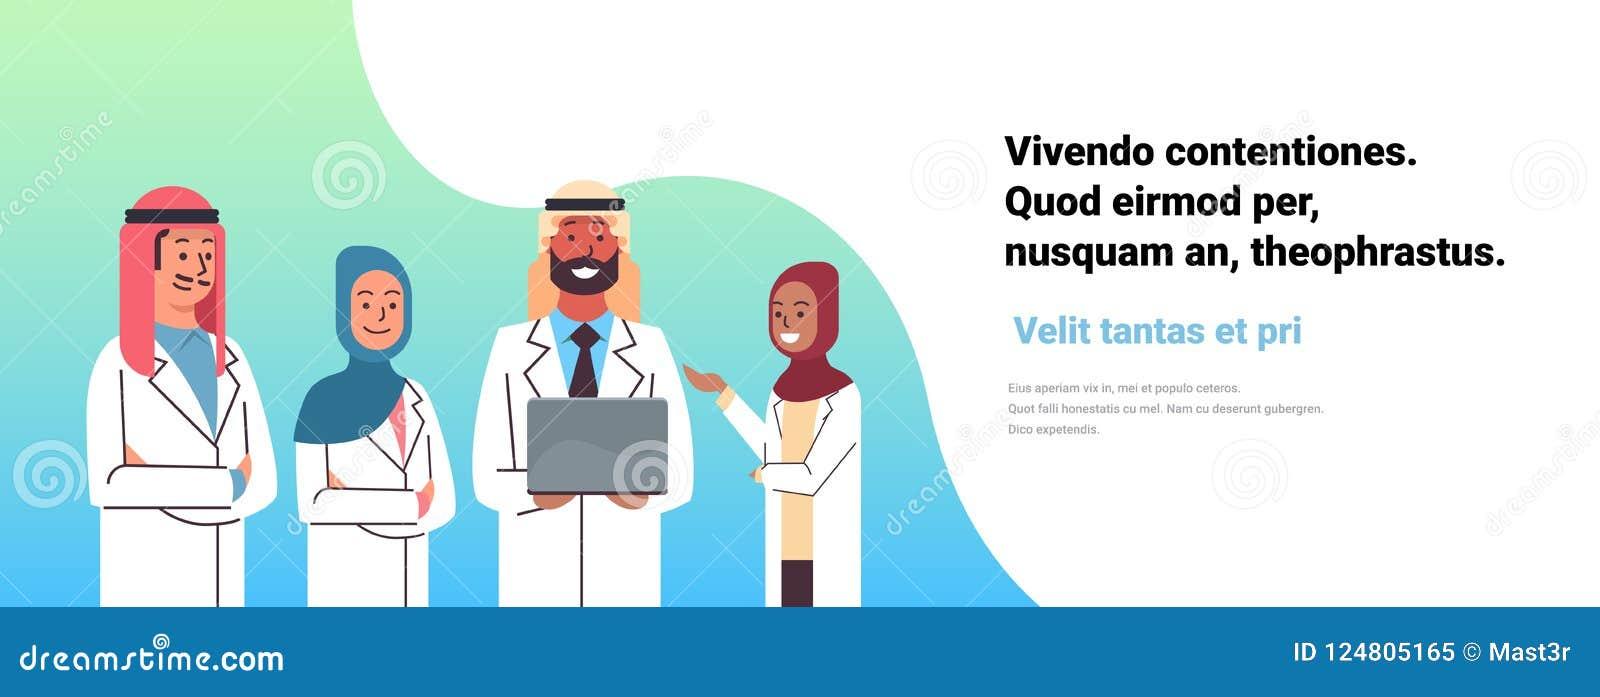 阿拉伯医生举行便携式计算机网上咨询阿拉伯人药剂师平展合作诊所工作者医院